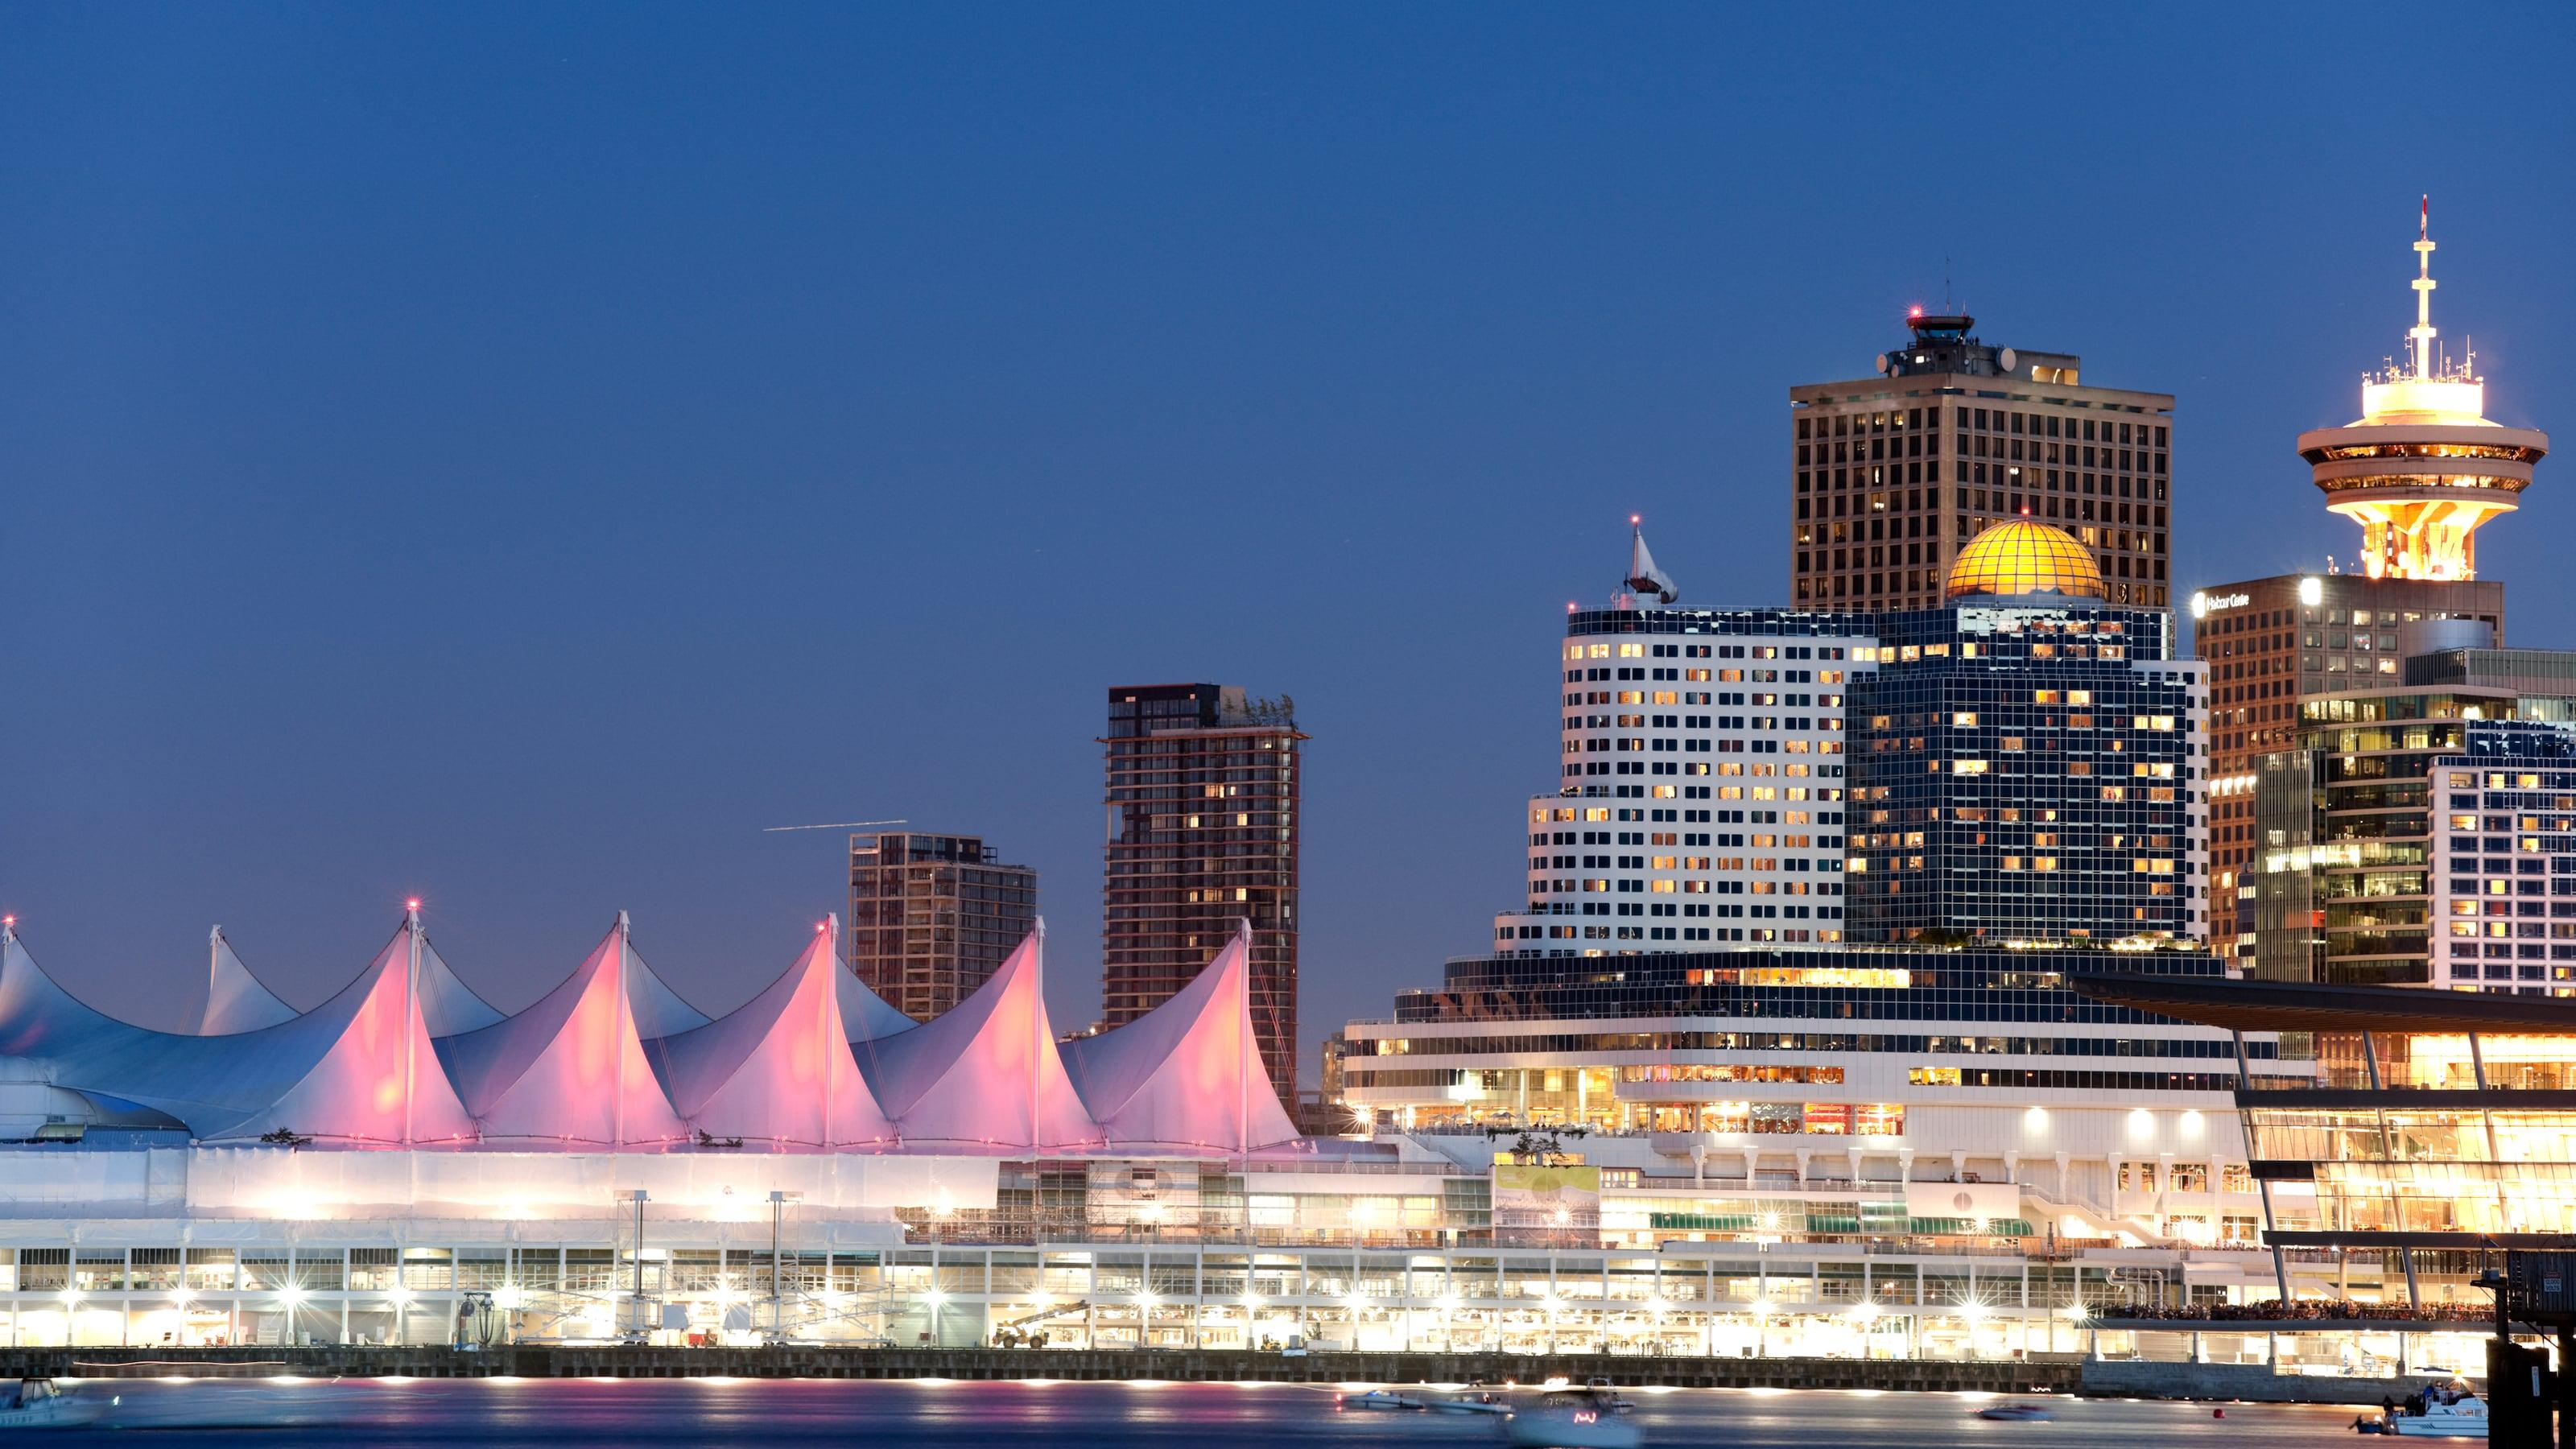 Vista nocturna de una hilera de techos triangulares en la orilla del puerto de Vancouver, junto a rascacielos